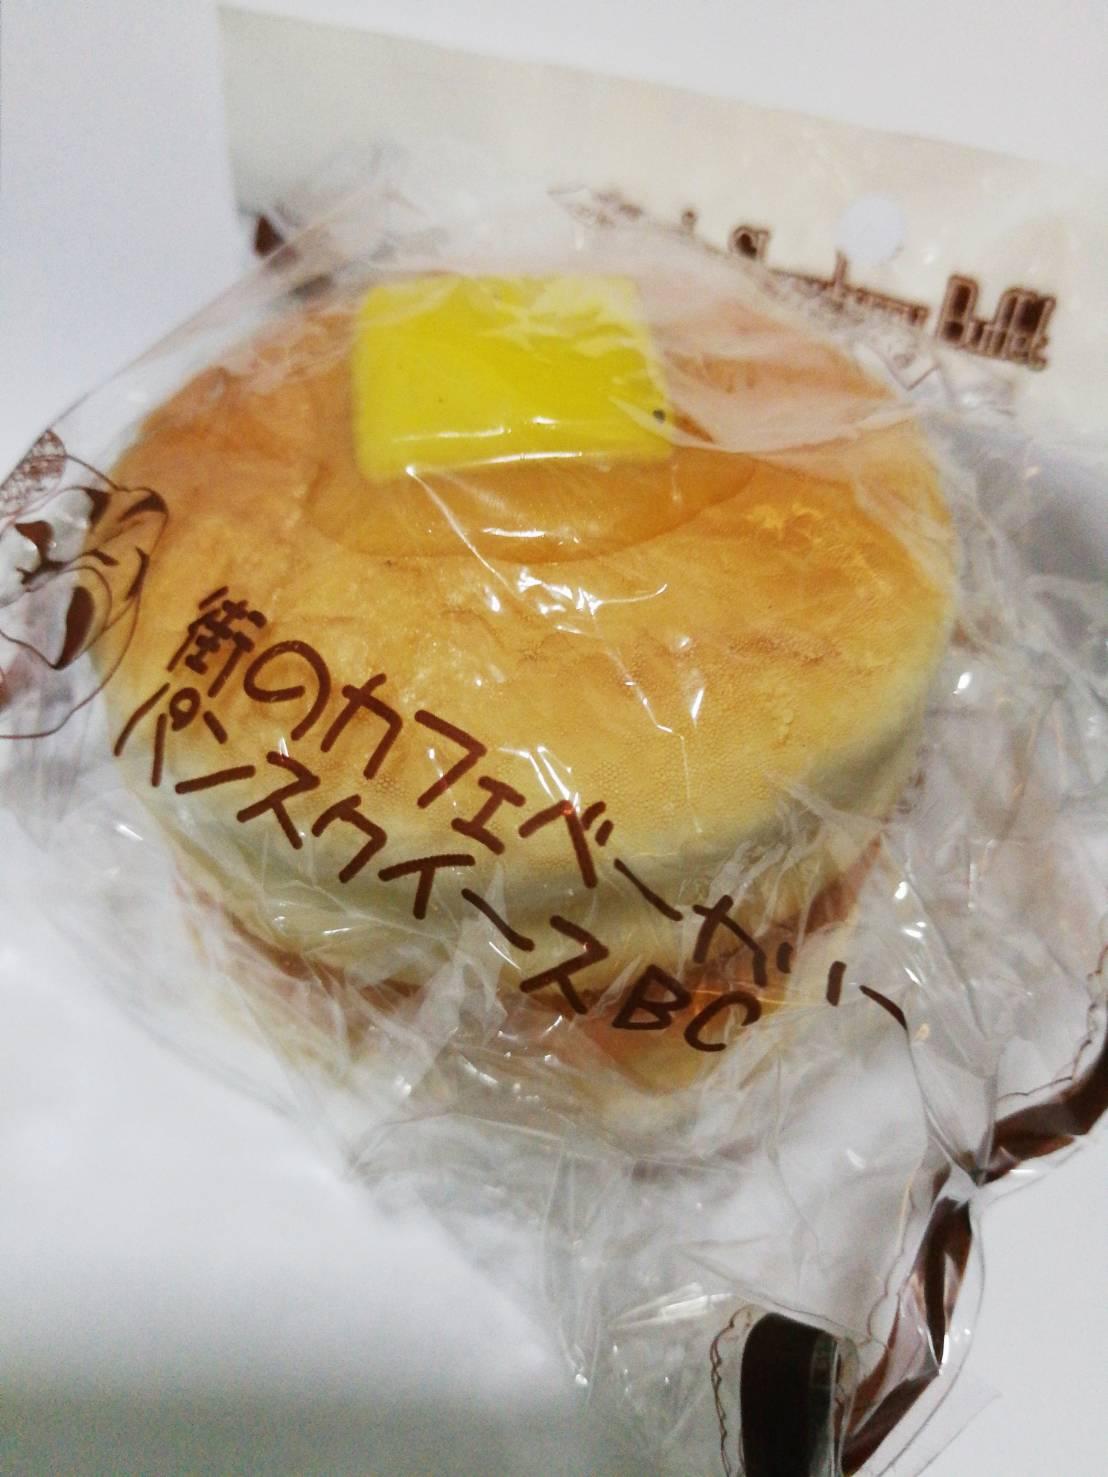 ** พร้อมส่ง ** สกุชชี่ Honey Cake นุ่ม สโลว์มาก สูง 4.5 ซม.เส้นผ่านศูนย์กลาง 7 ซม.